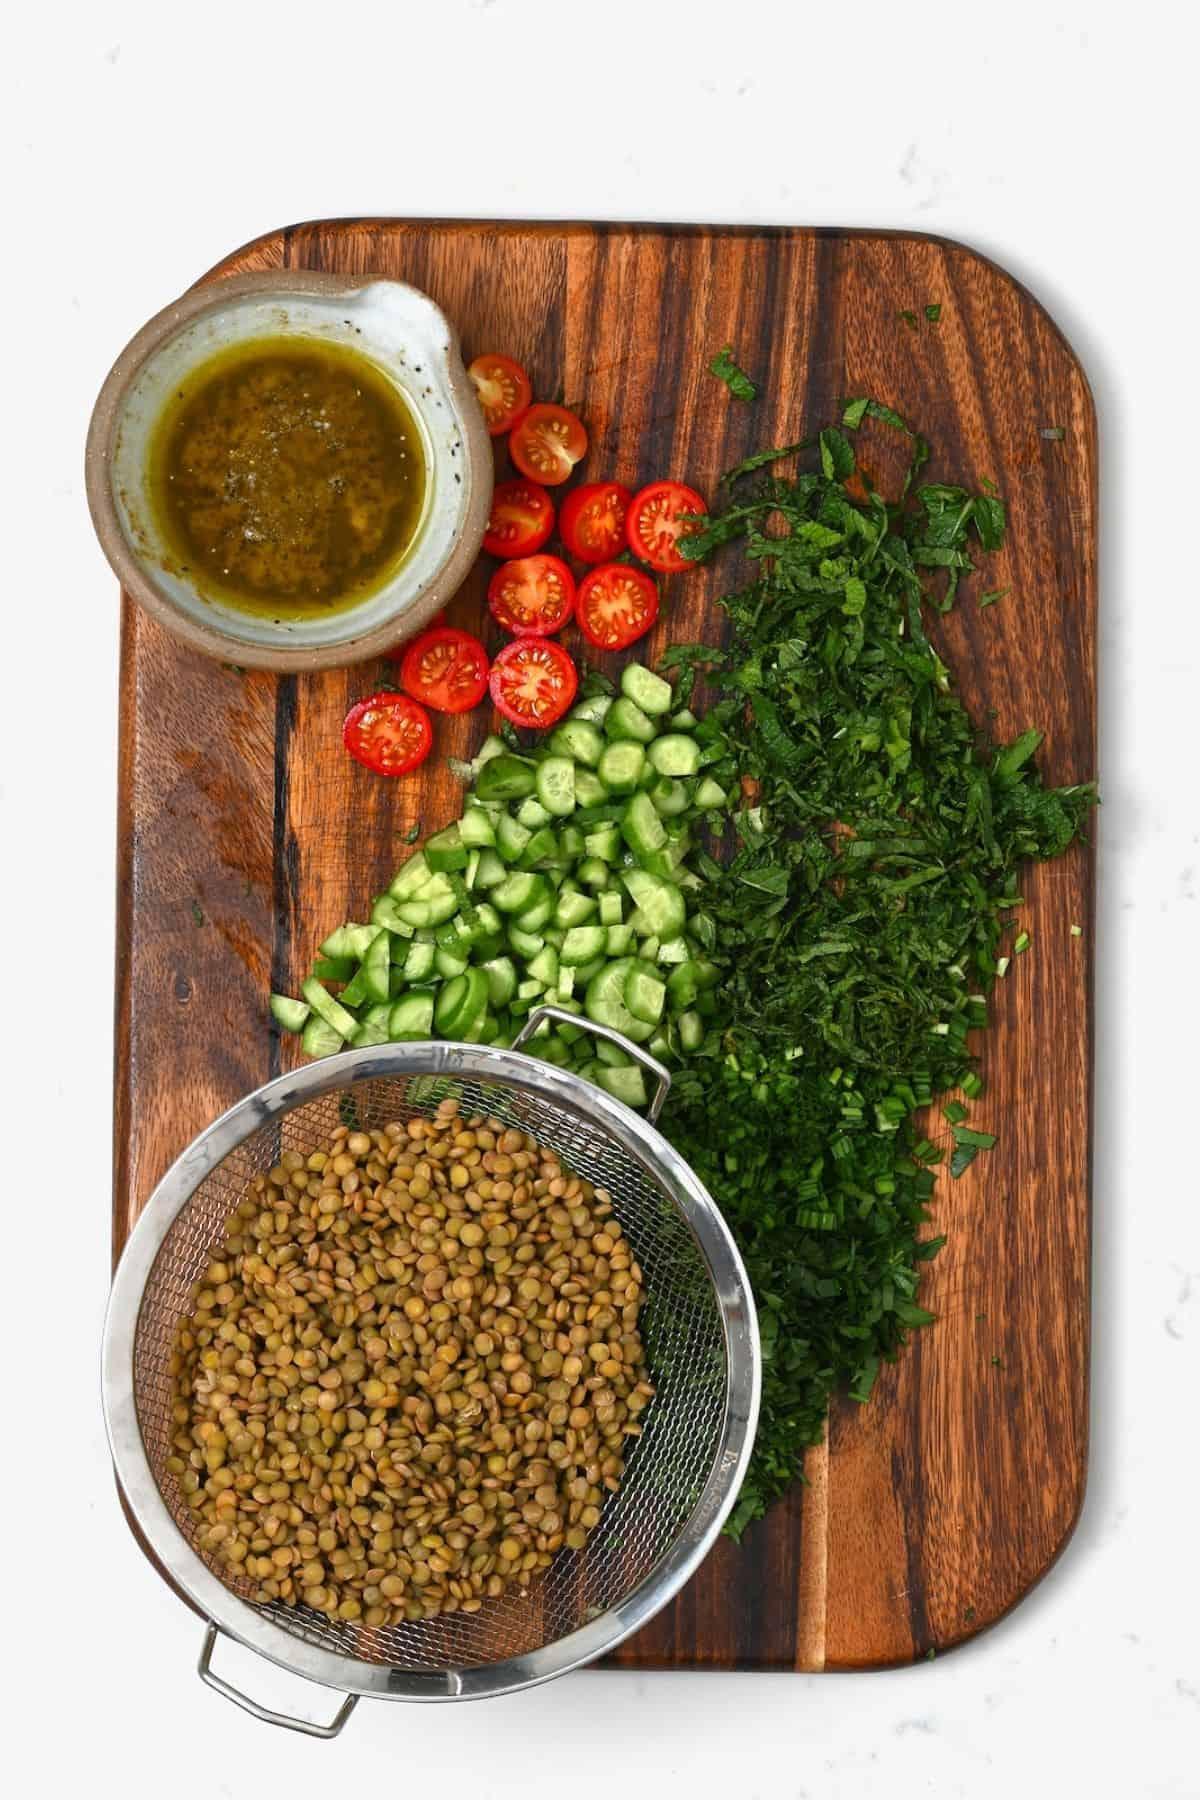 Prepared ingredients for lentil salad